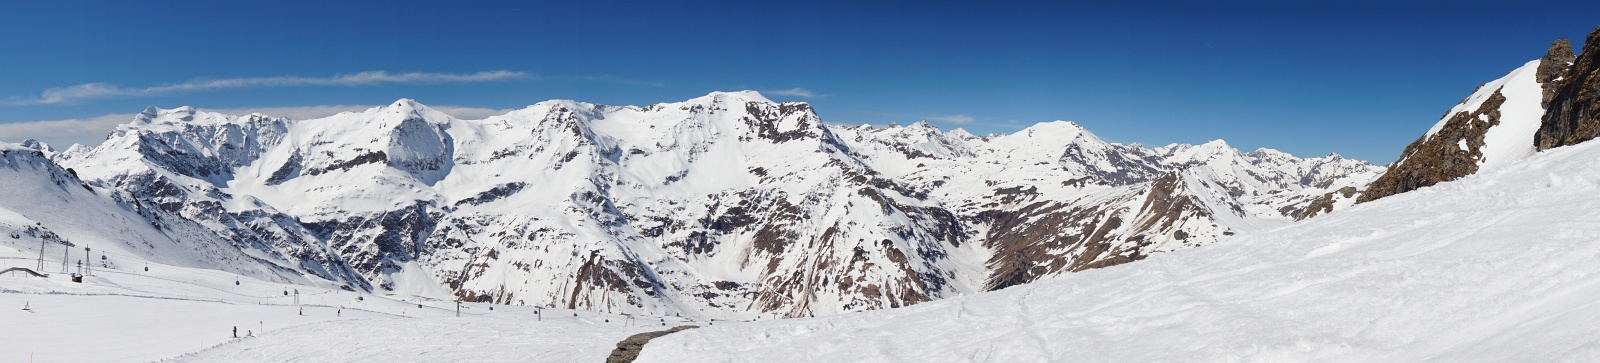 Panoramablick über das Schigebiet und freie Gelände (rechts) in die benachbarte Goldberggruppe mit Schareck, Hohem Sonnblick, Hocharn und Ritterkopf.